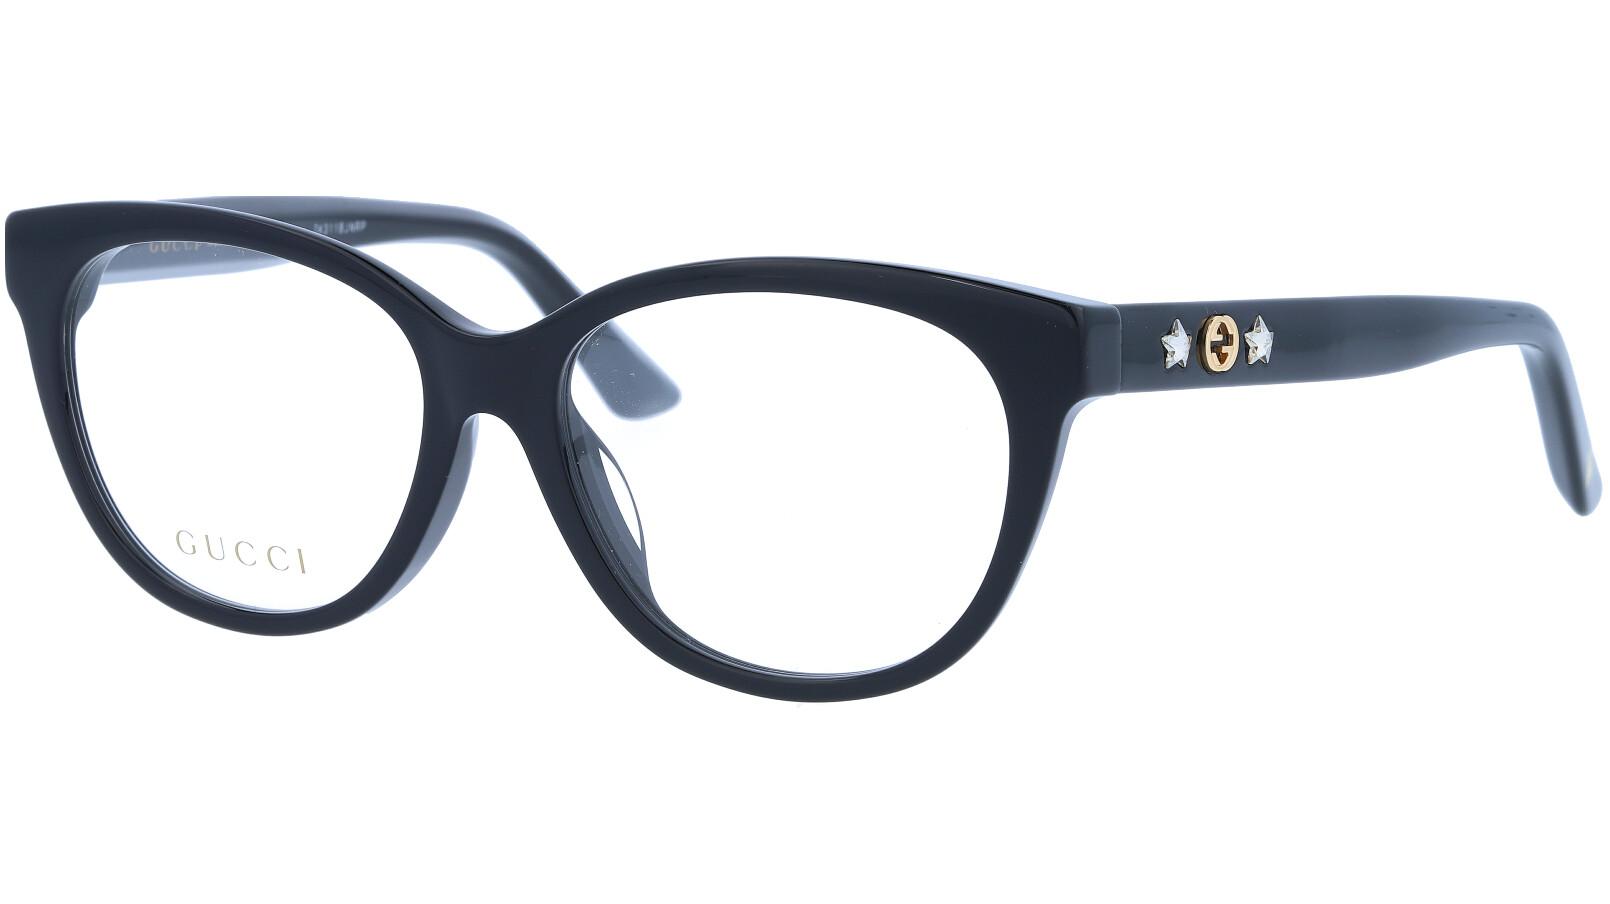 GUCCI GG0211OA 001 53 BLACK Glasses